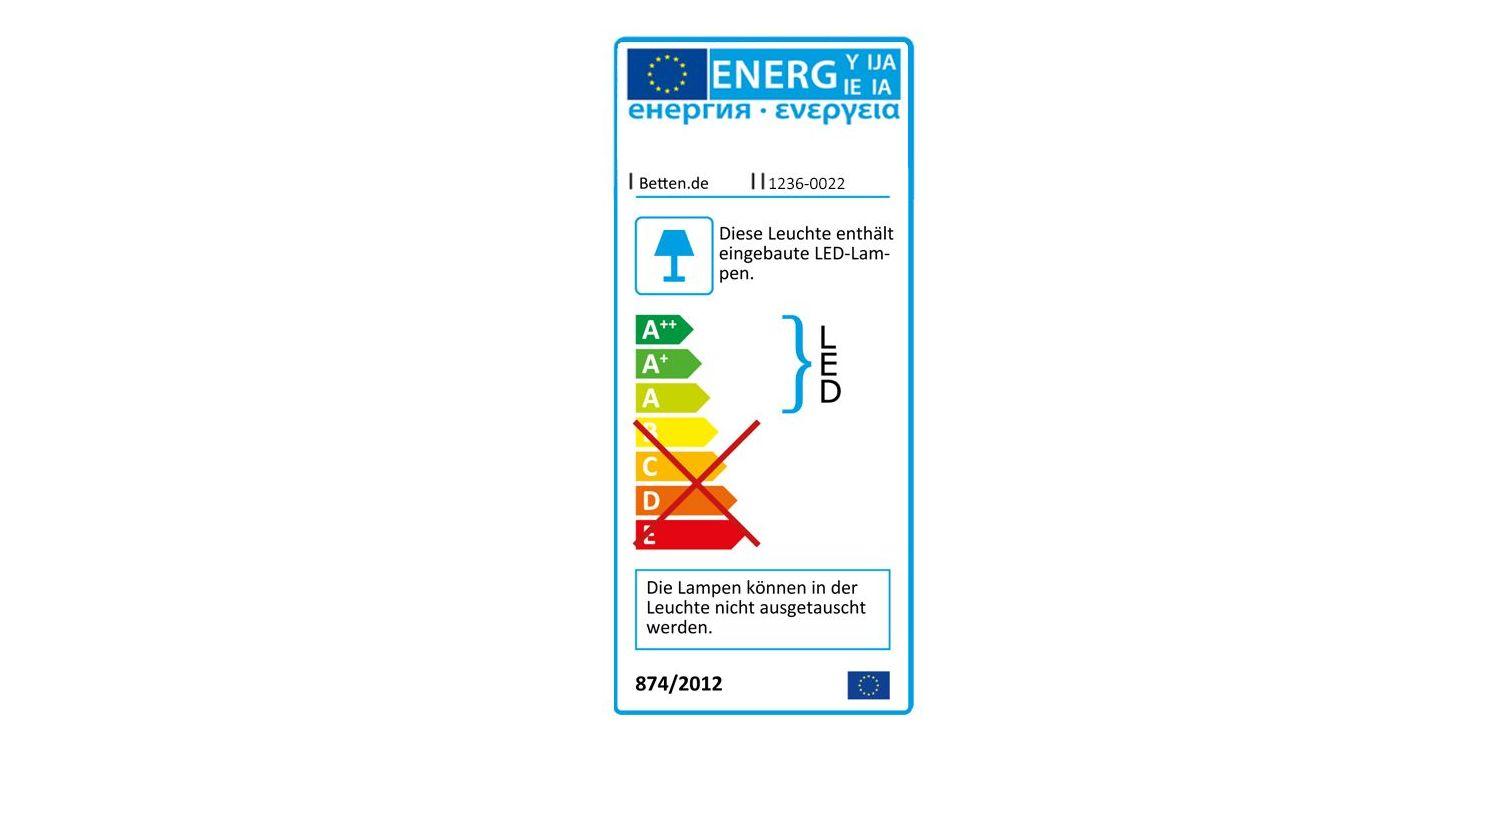 Spiegel-Falttüren-Kleiderschrank Northvilles Energieverbrauchskennzeichnung